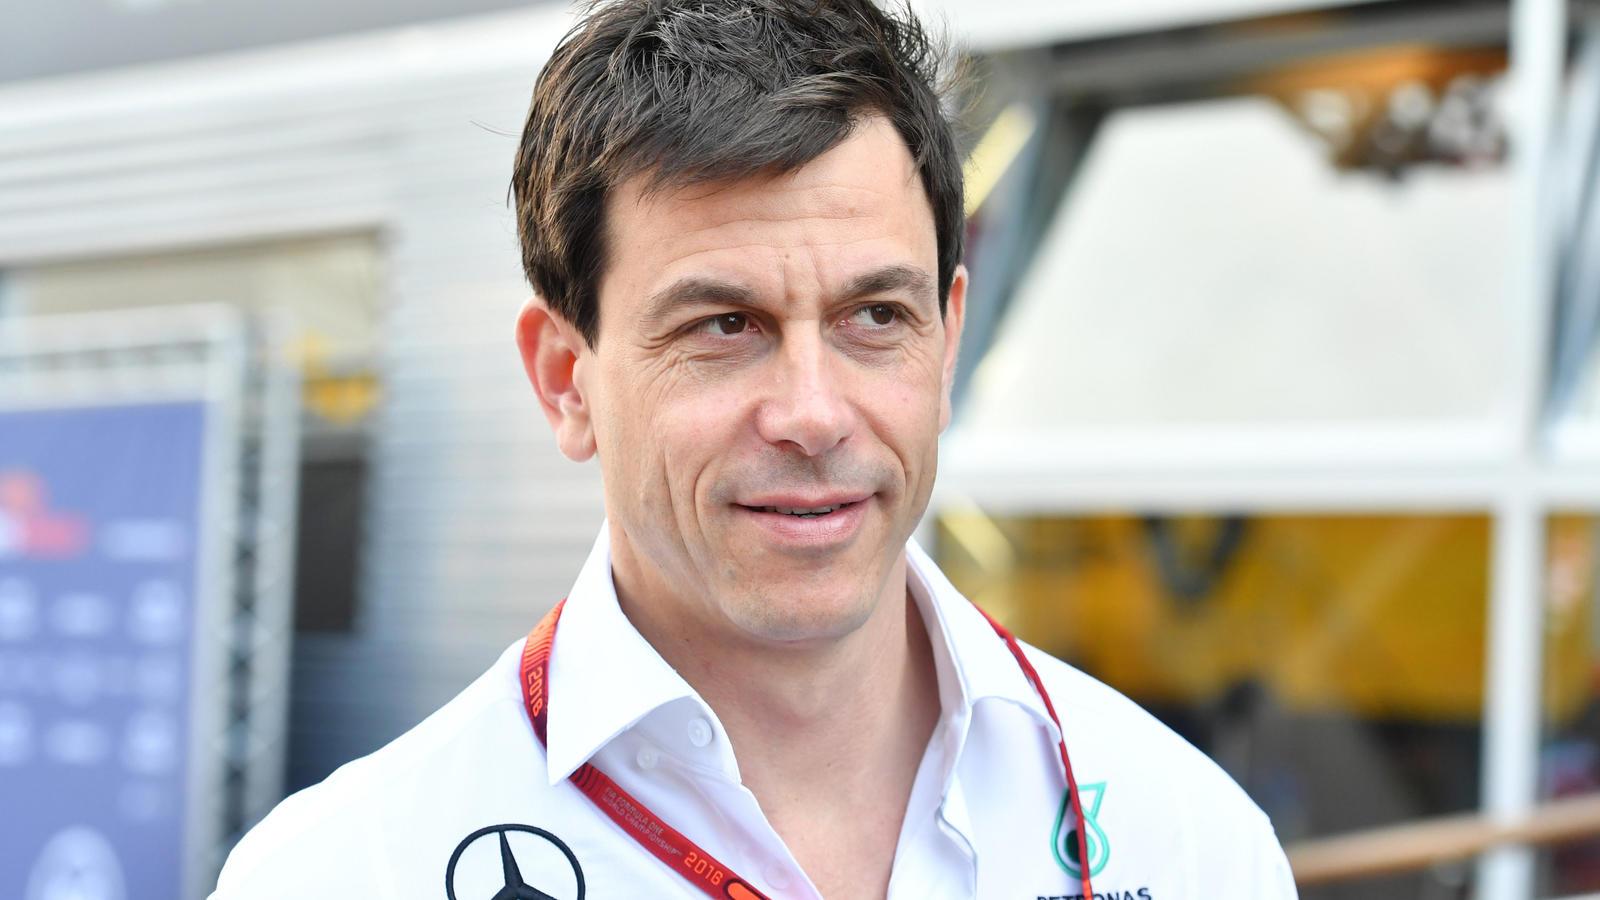 Holt Mercedes Sebastian Vettel zur Saison 2018? Toto Wolff hat ihn auf dem Schirm.